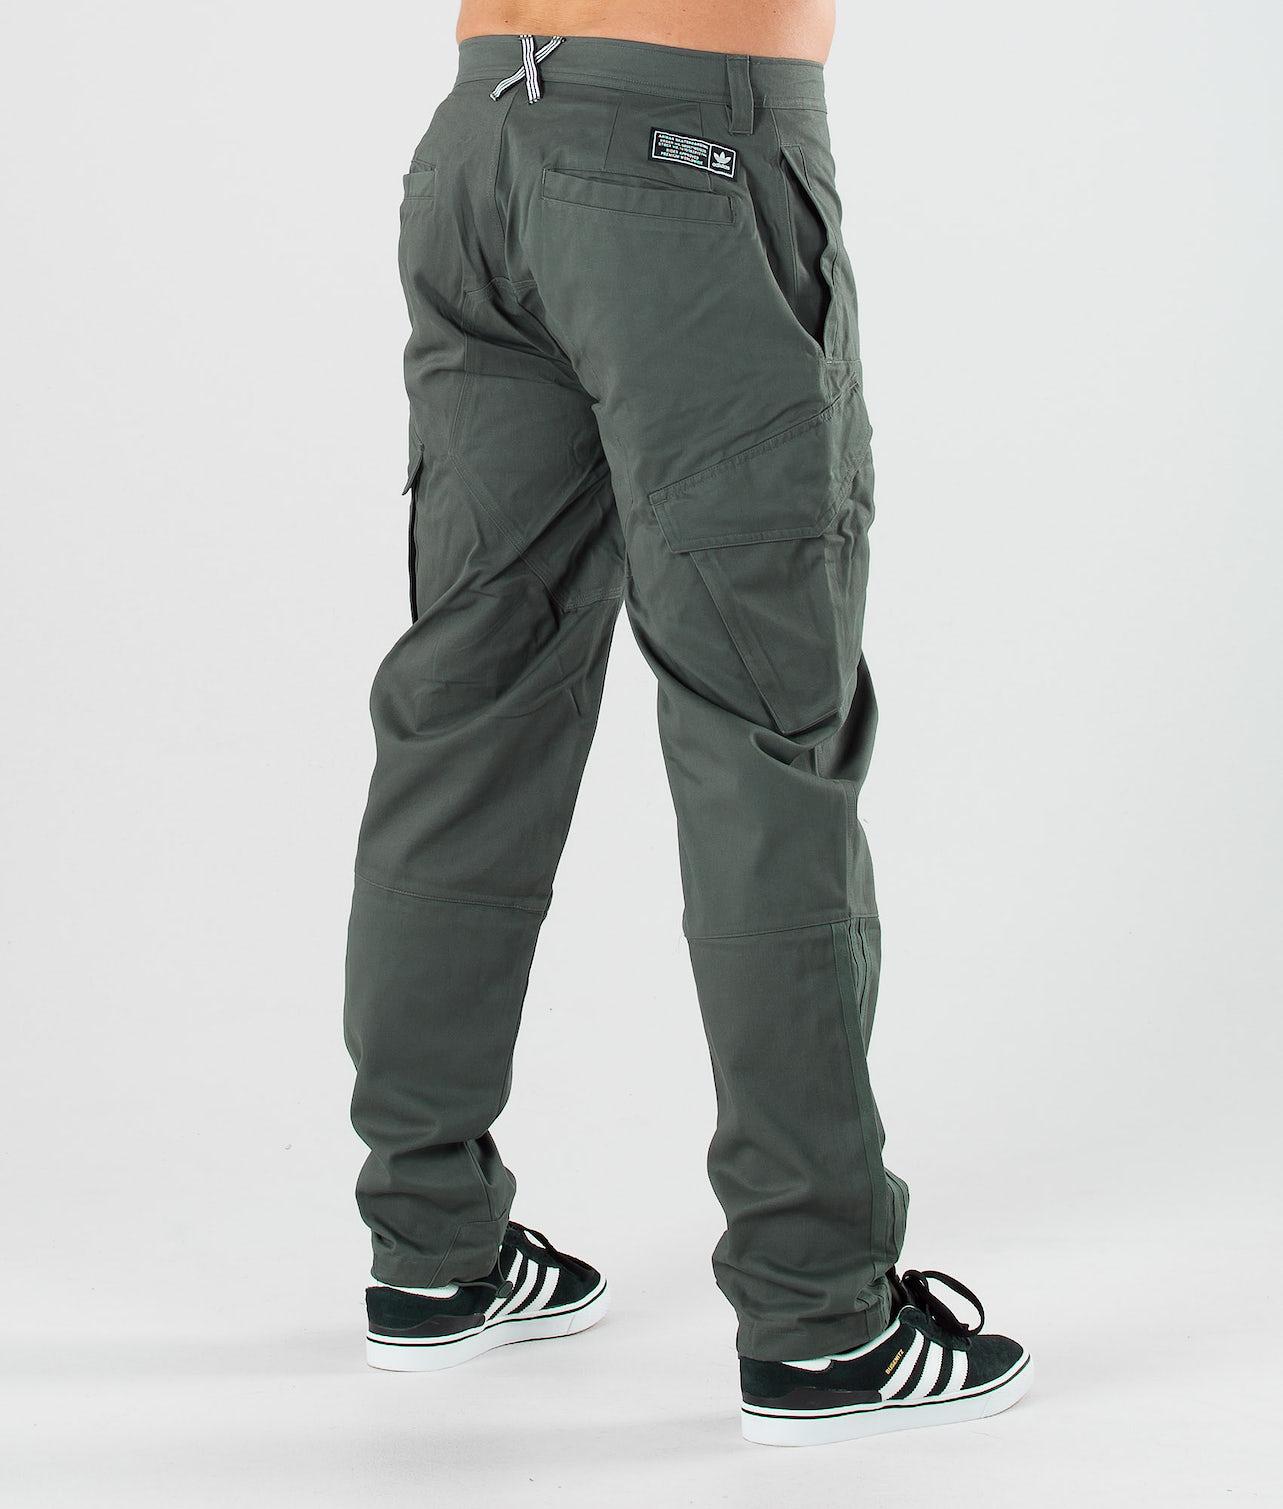 Kaufe Cargo Hosen von Adidas Skateboarding bei Ridestore.de - Kostenloser, schneller Versand & Rückversand.